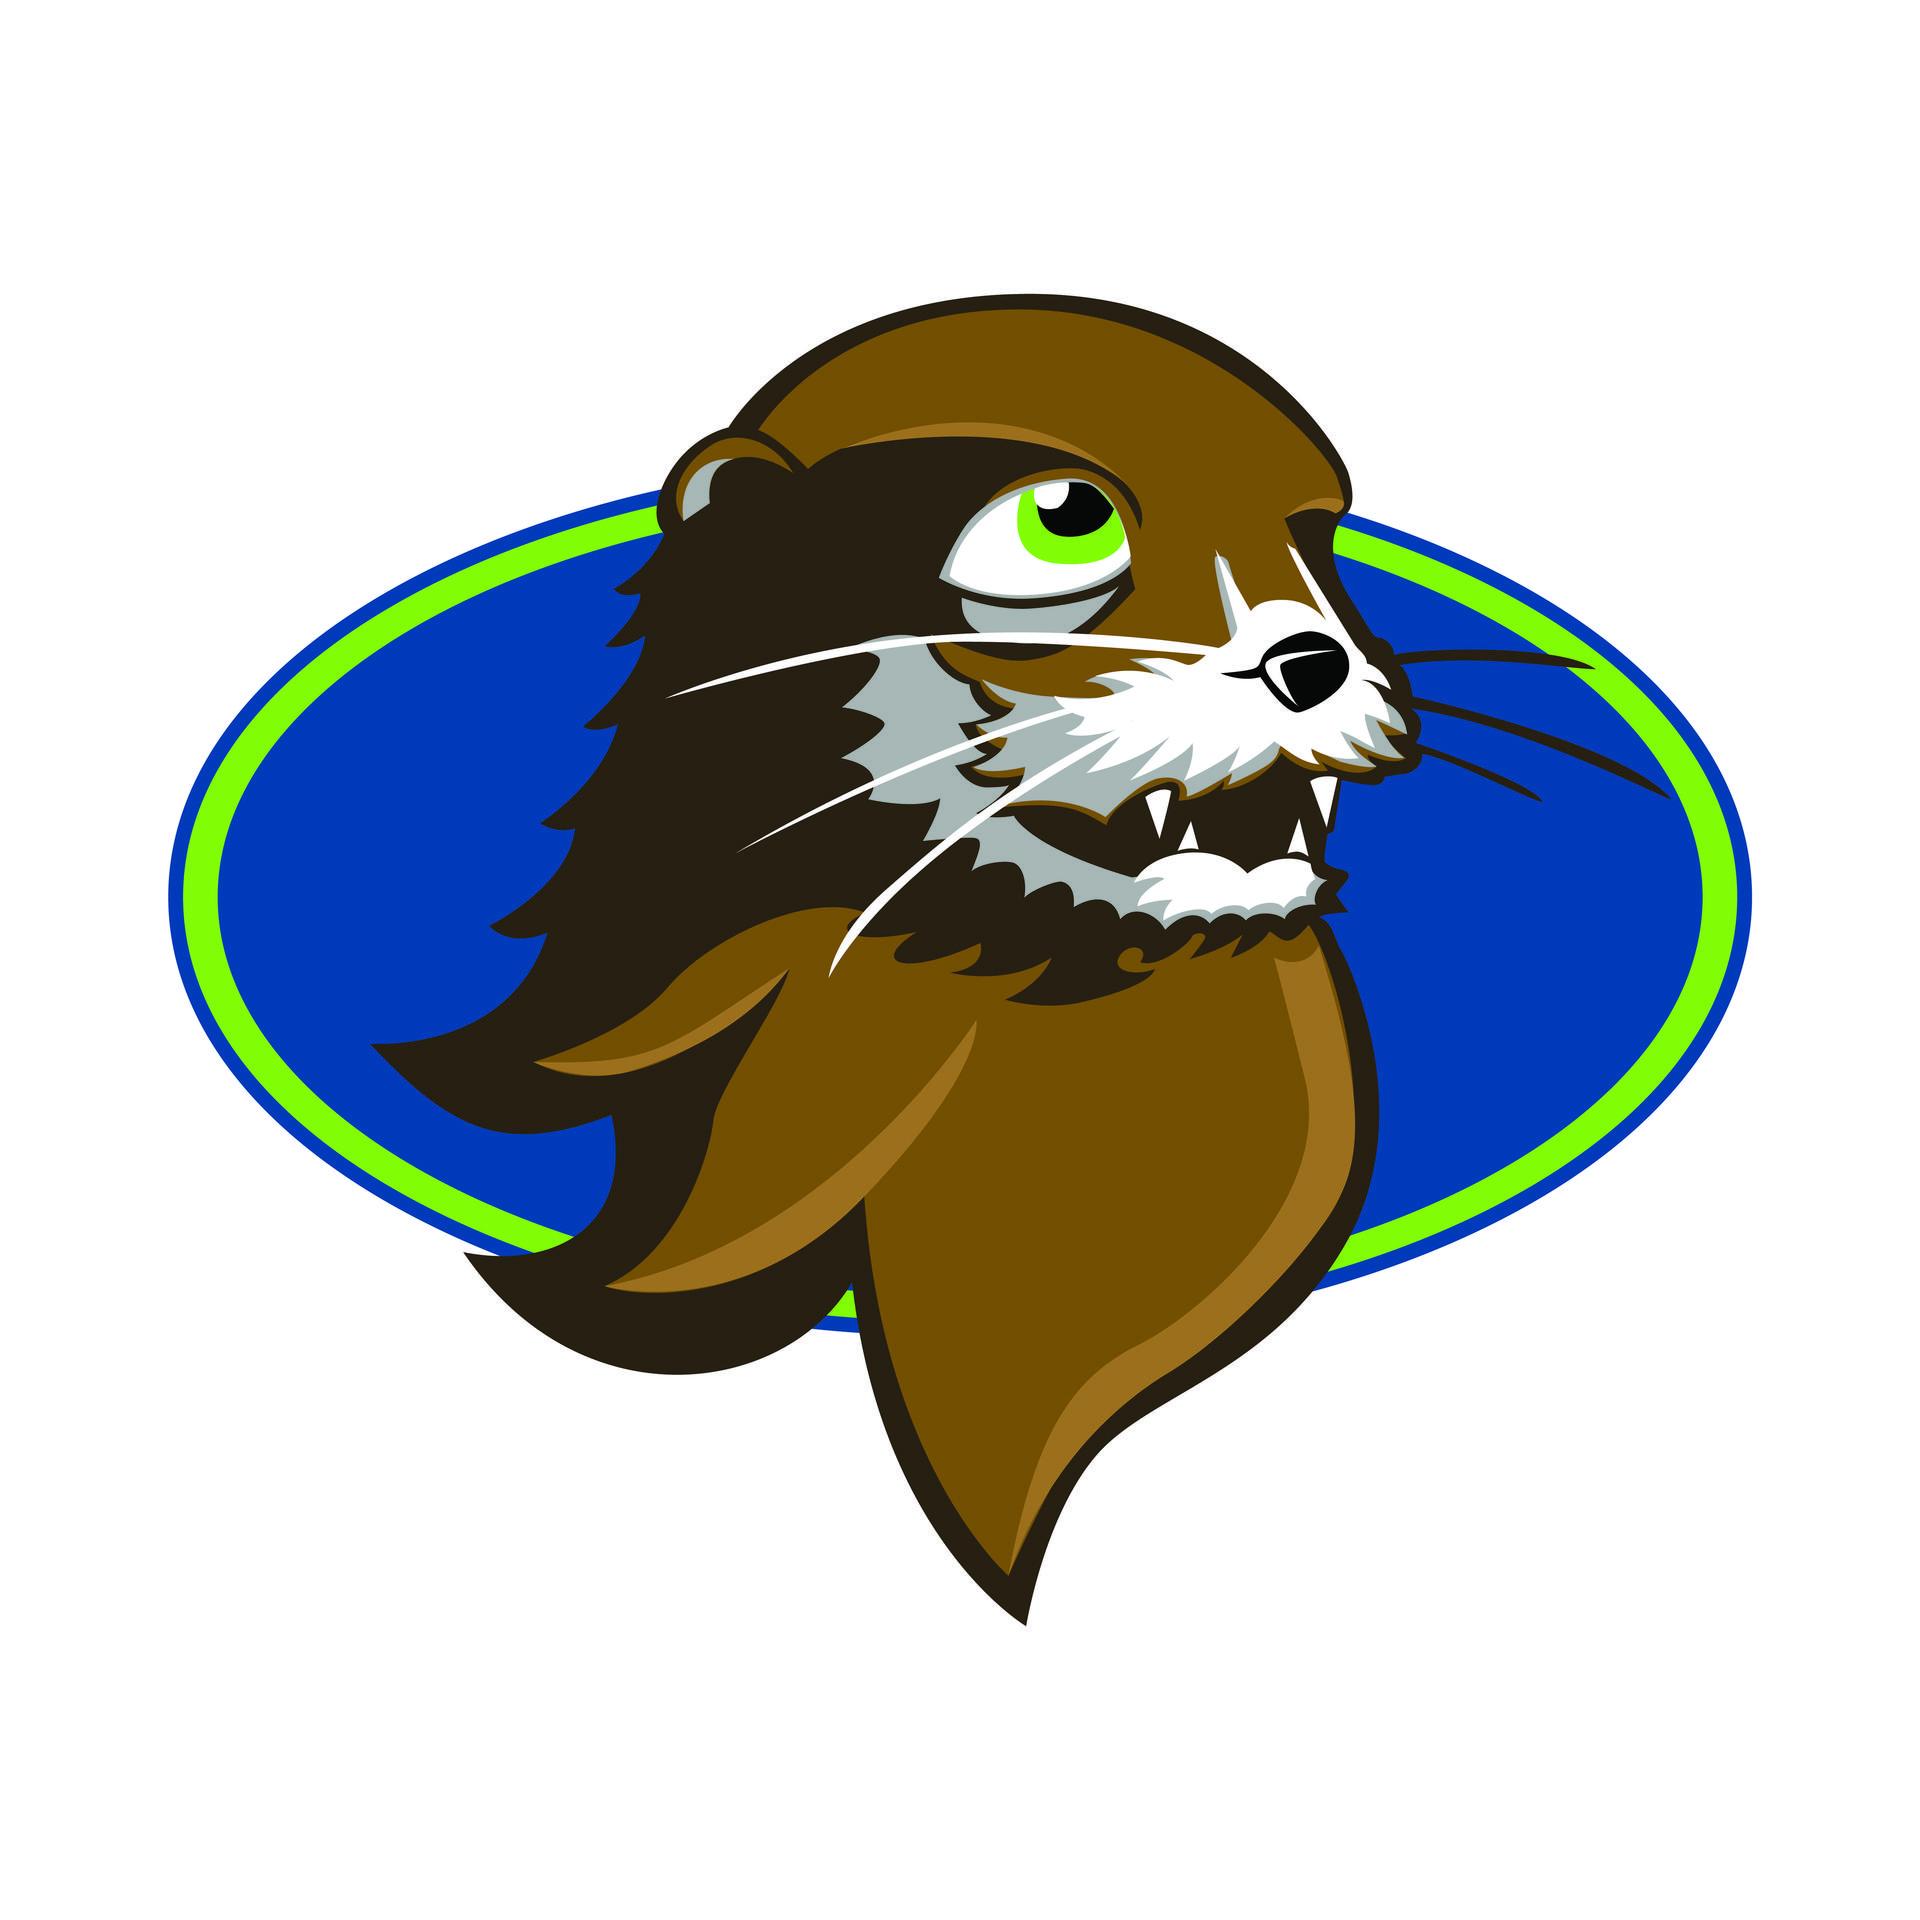 otter head mascot